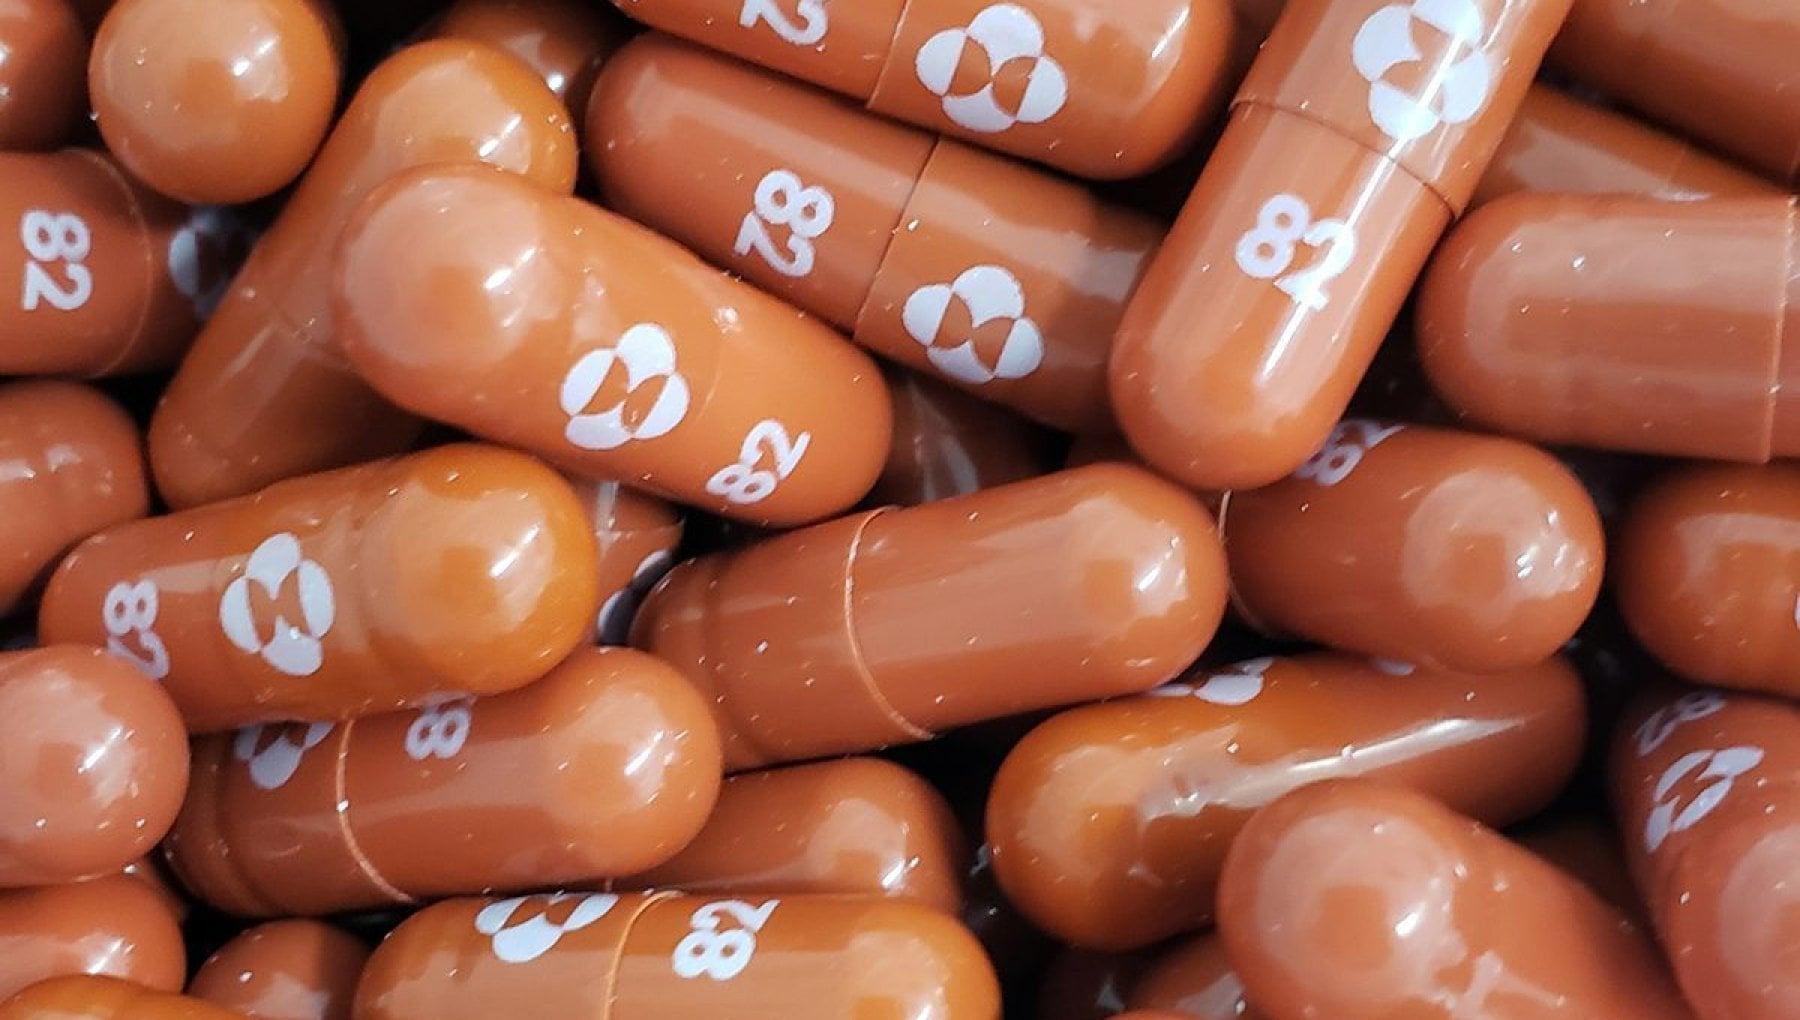 """220459643 baed28aa a0fc 4e35 ac6b 31a2f110aeec - """"Entro un anno la pillola anti Covid"""". Dagli Usa tre miliardi per la ricerca"""